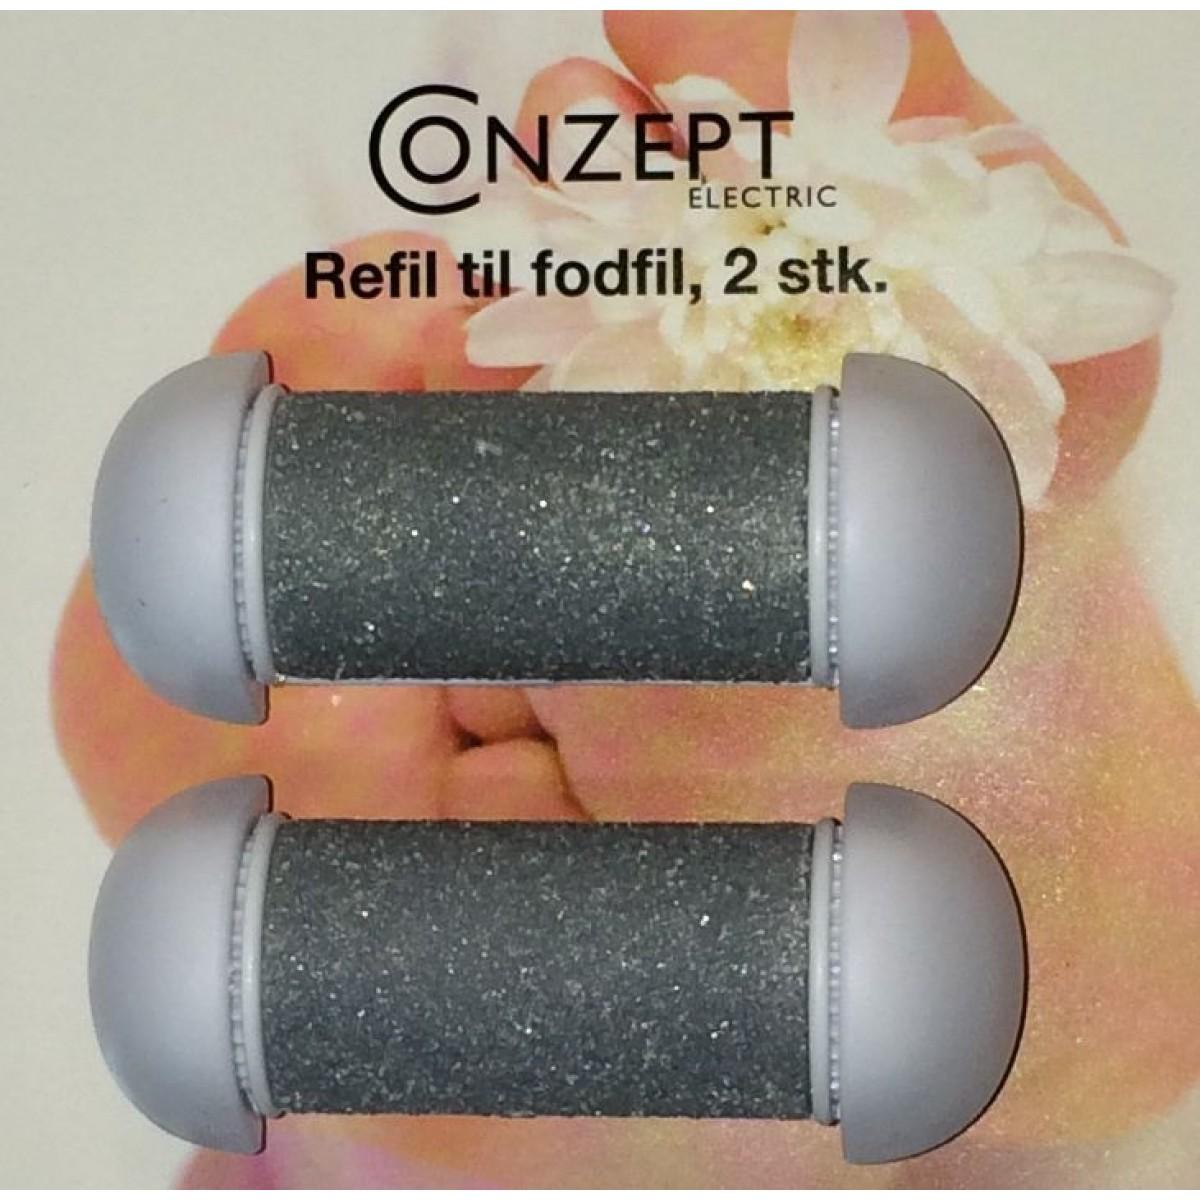 CONZEPT Fodfil refil 2 stk.